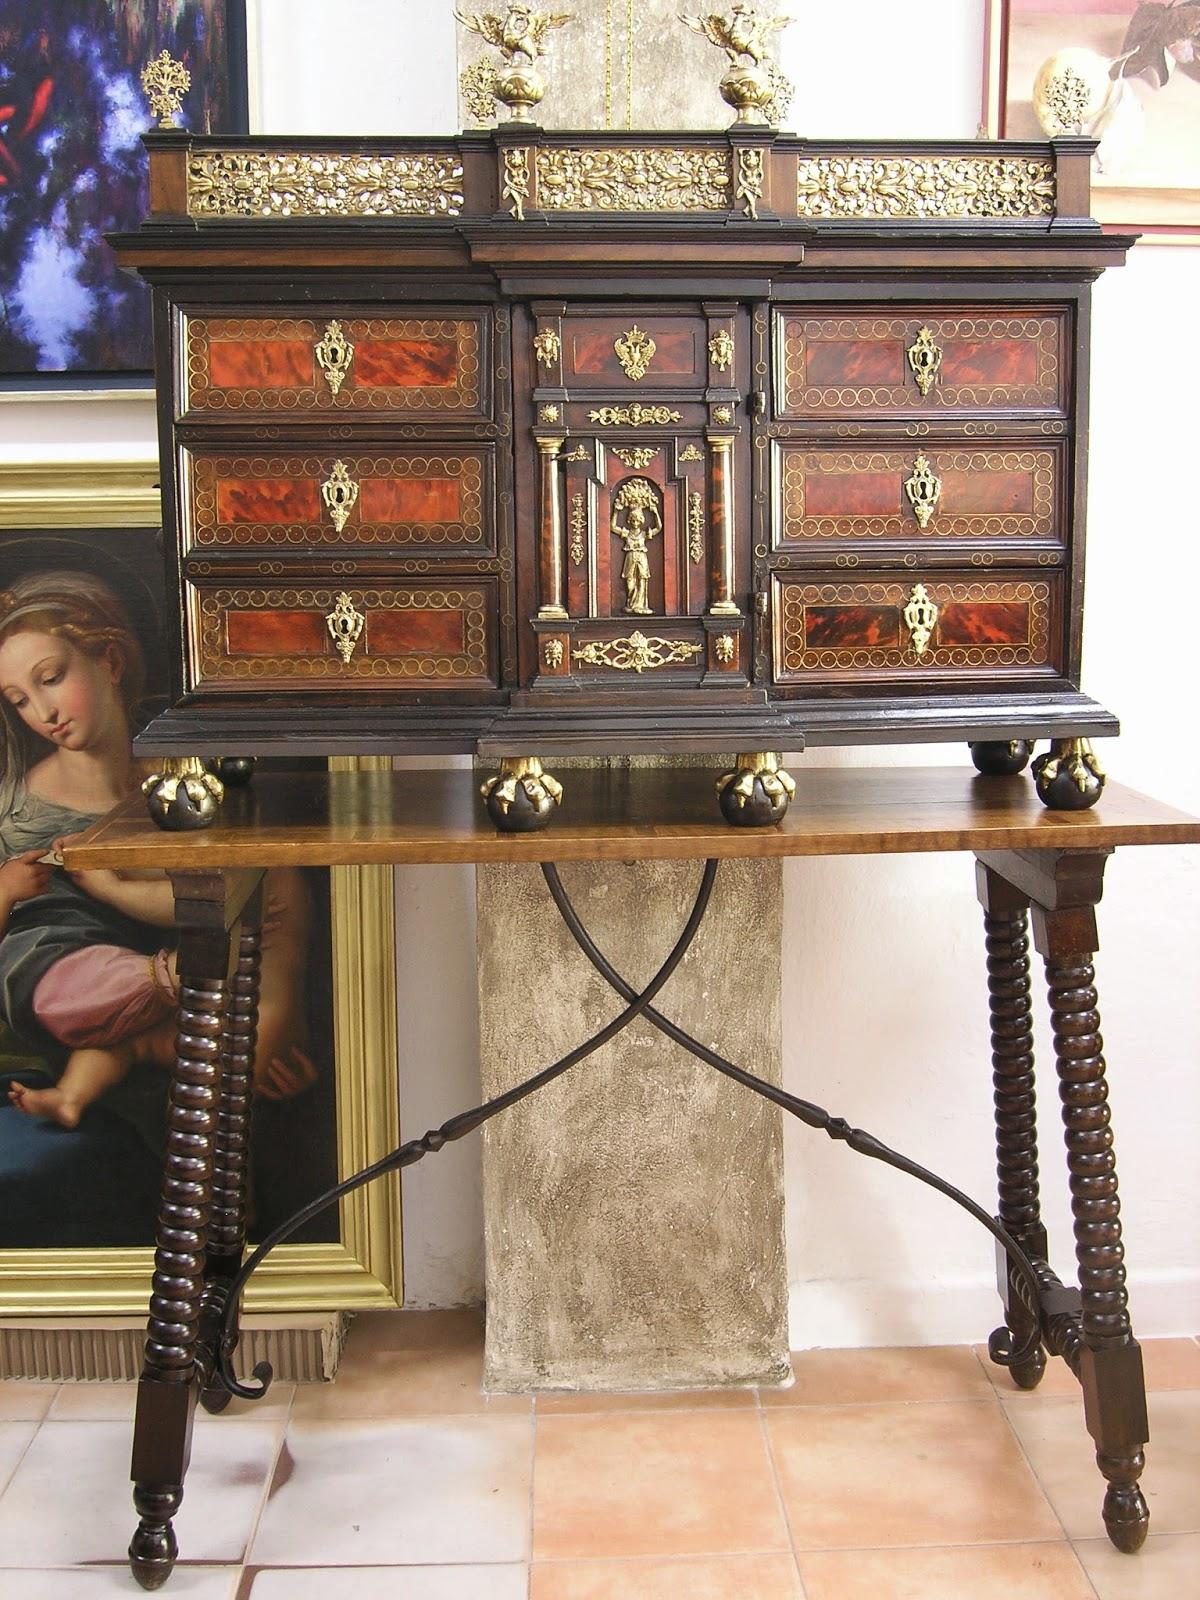 Restauraci n de mueble antiguo en valencia - Muebles antiguos valencia ...